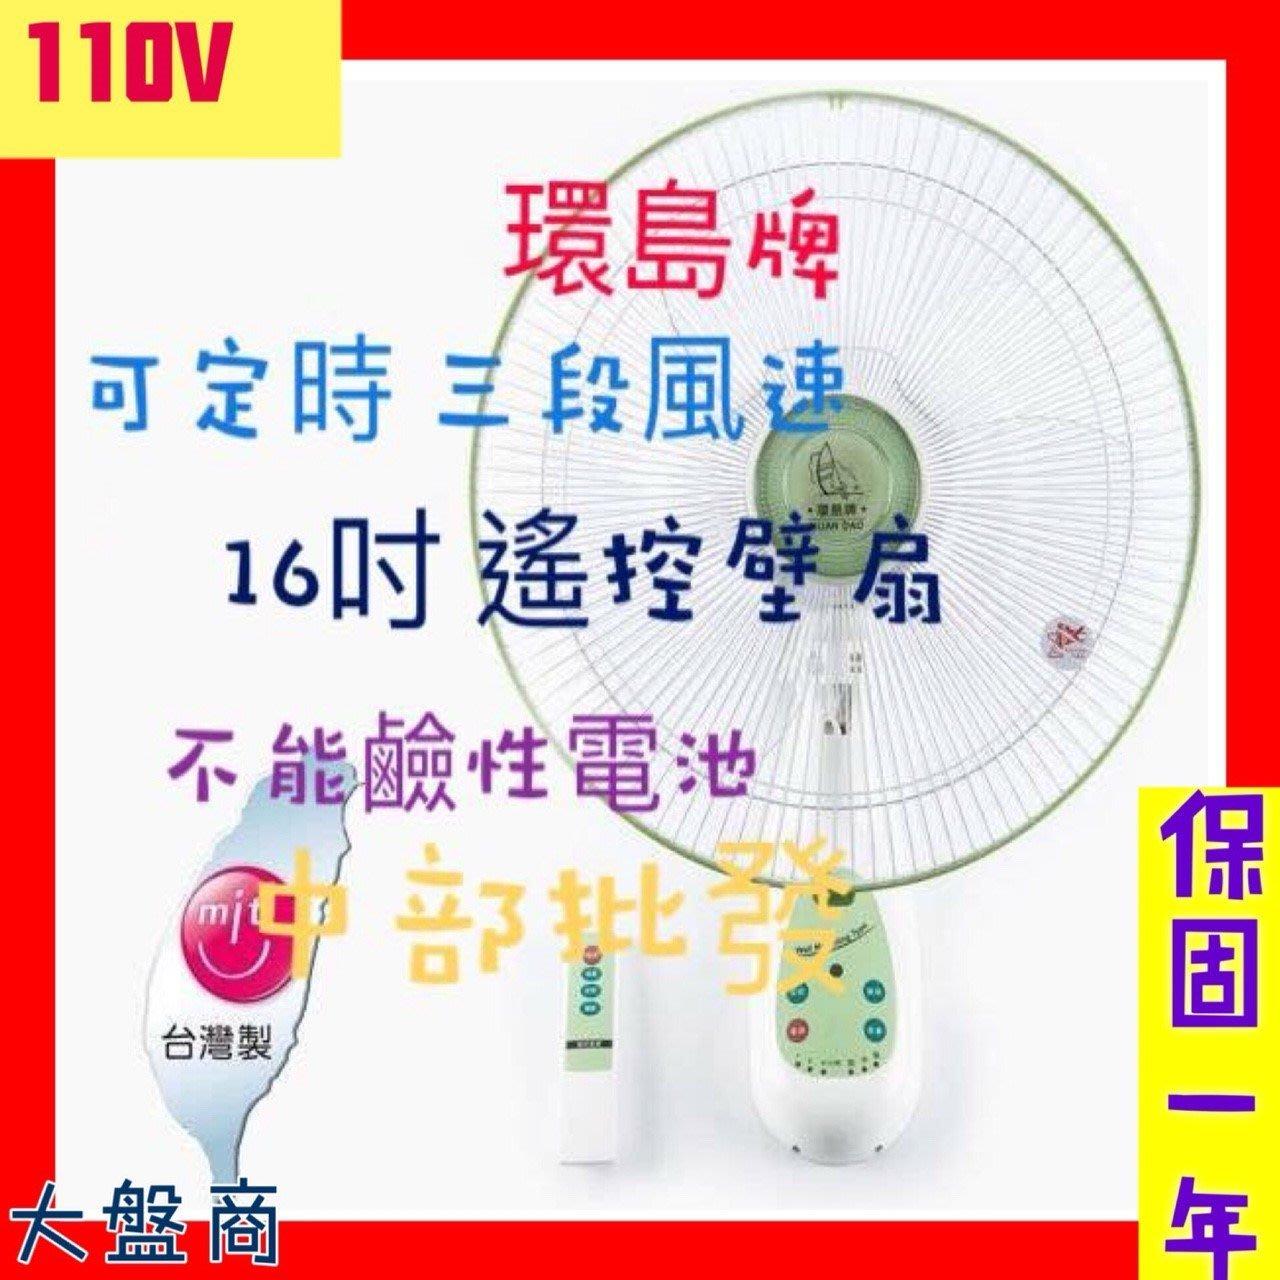 『中部批發』遙控型 16吋 遙控壁扇 吊扇 壁式電扇 家用壁扇 電風扇 掛壁扇 壁式通風扇 擺頭壁扇 (台灣製造)